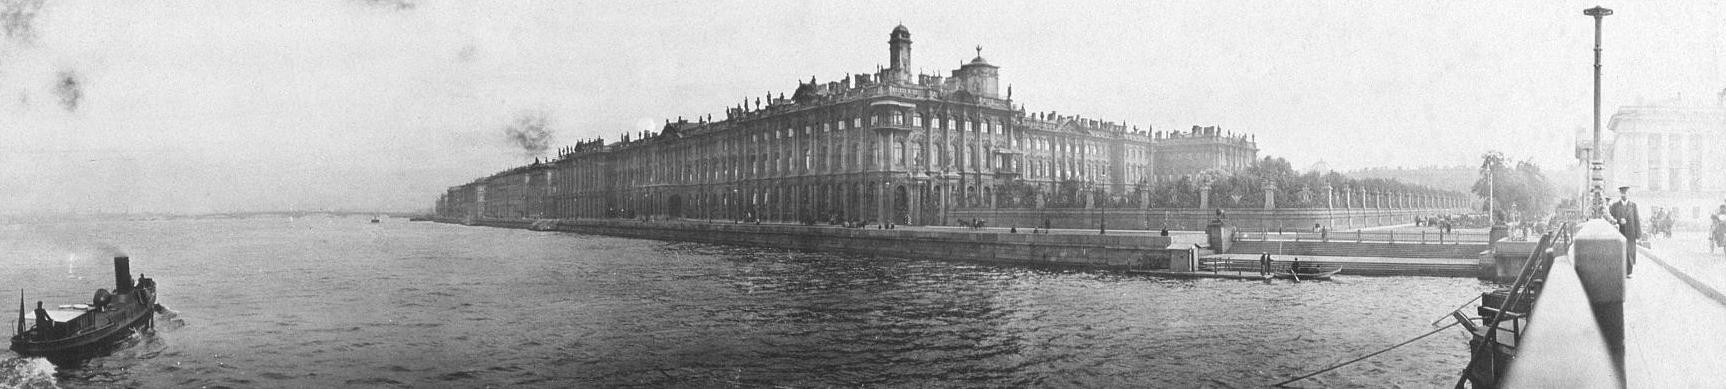 Юридические услуги - Санкт-Петербург